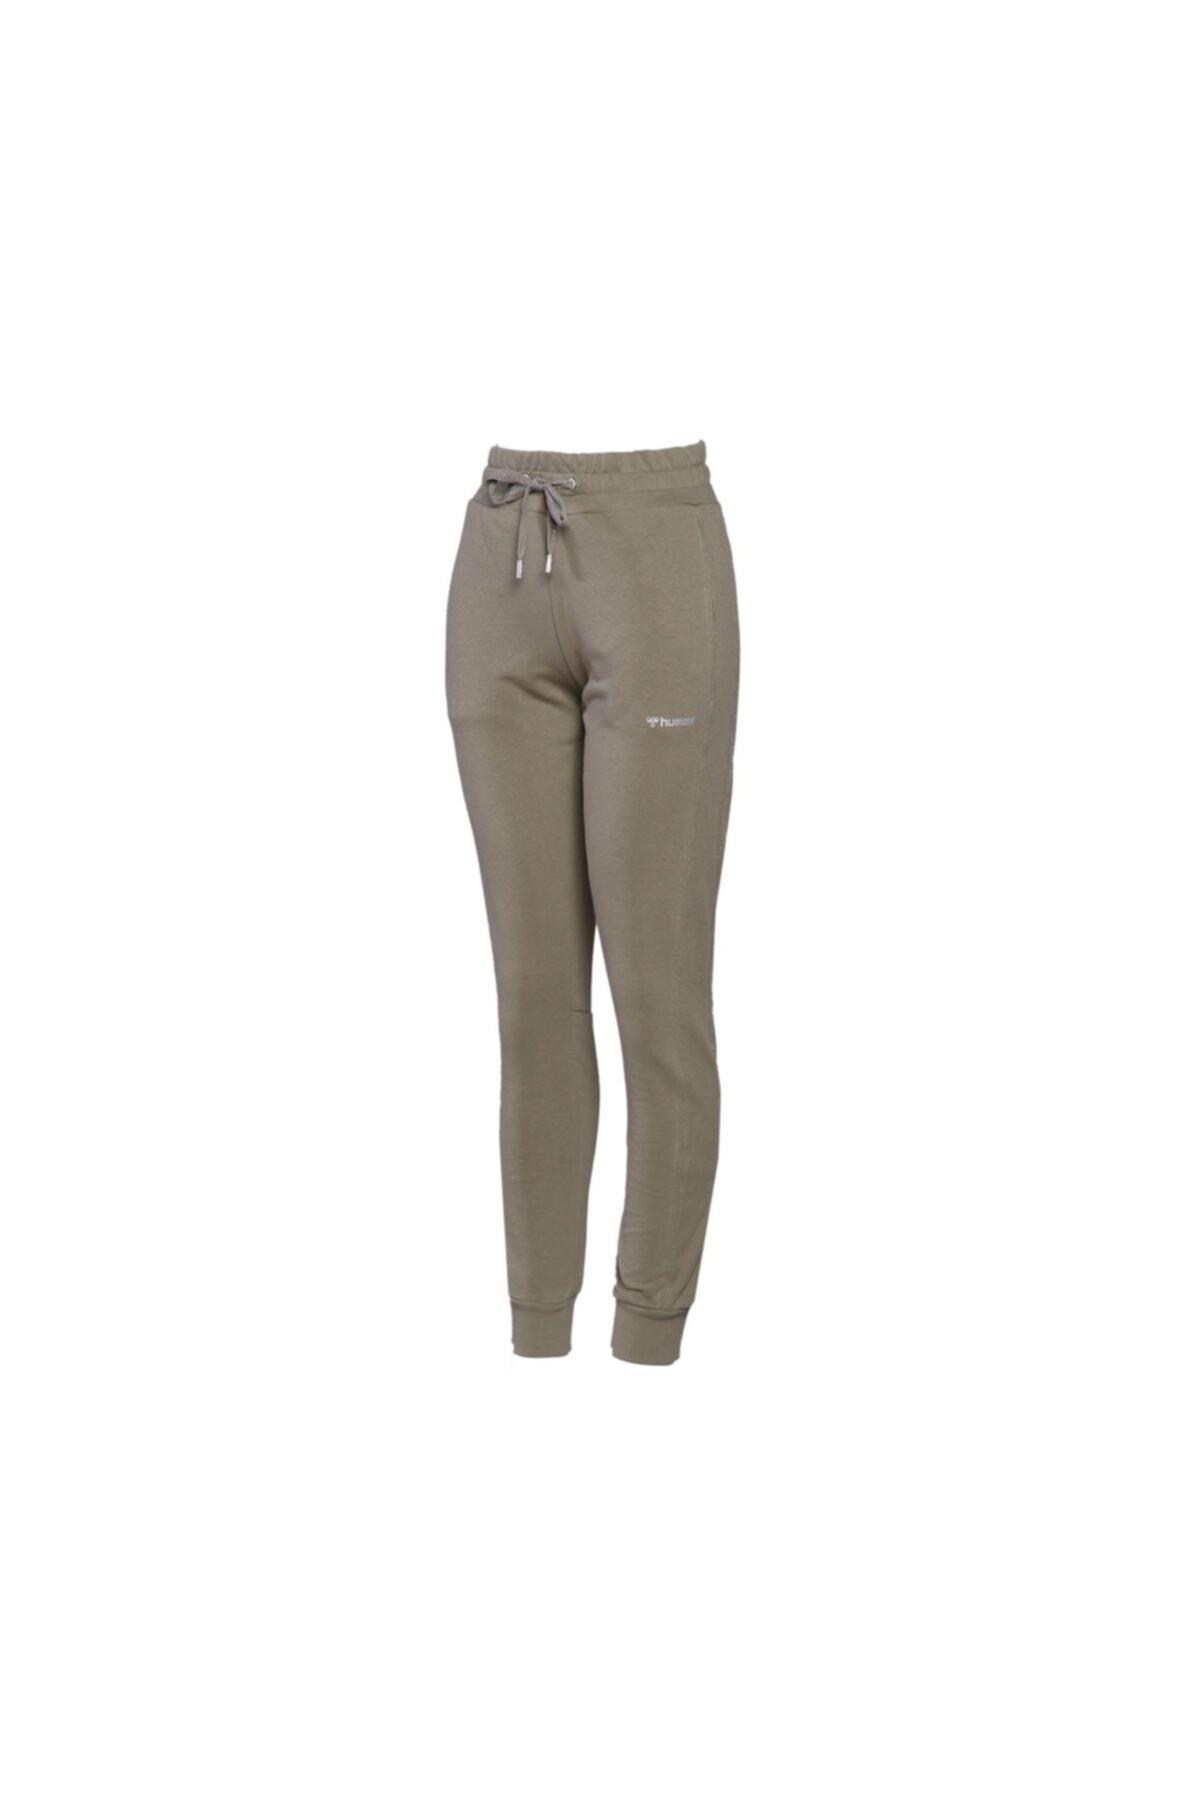 HUMMEL Kadın Günlük Eşofman Altı 931108-8062 Yeşil Hmlons Pants 1